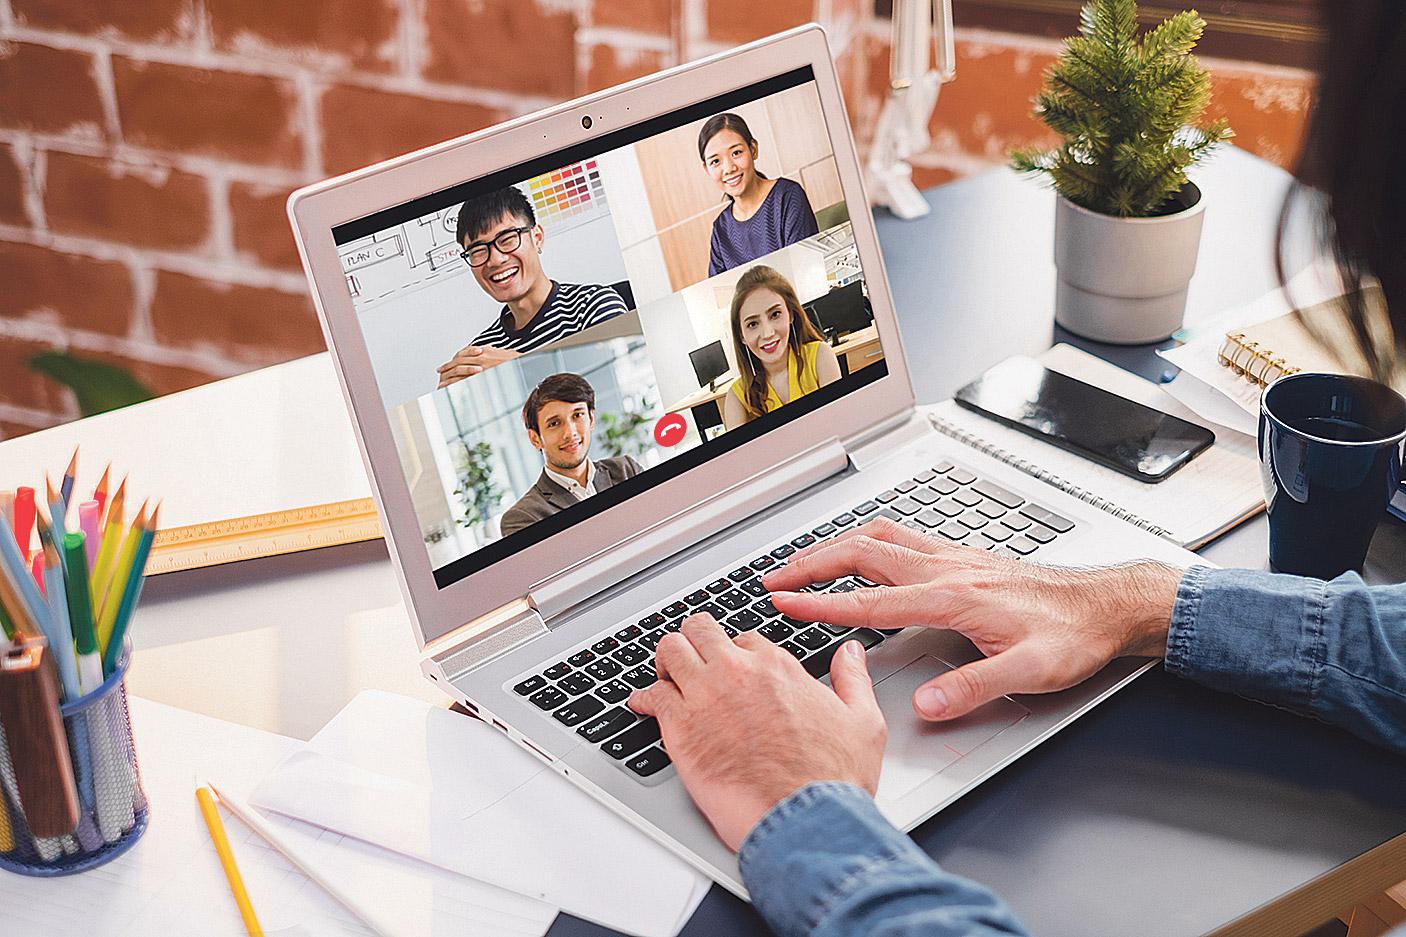 Laptop auf dem eine Videokonferenz läuft